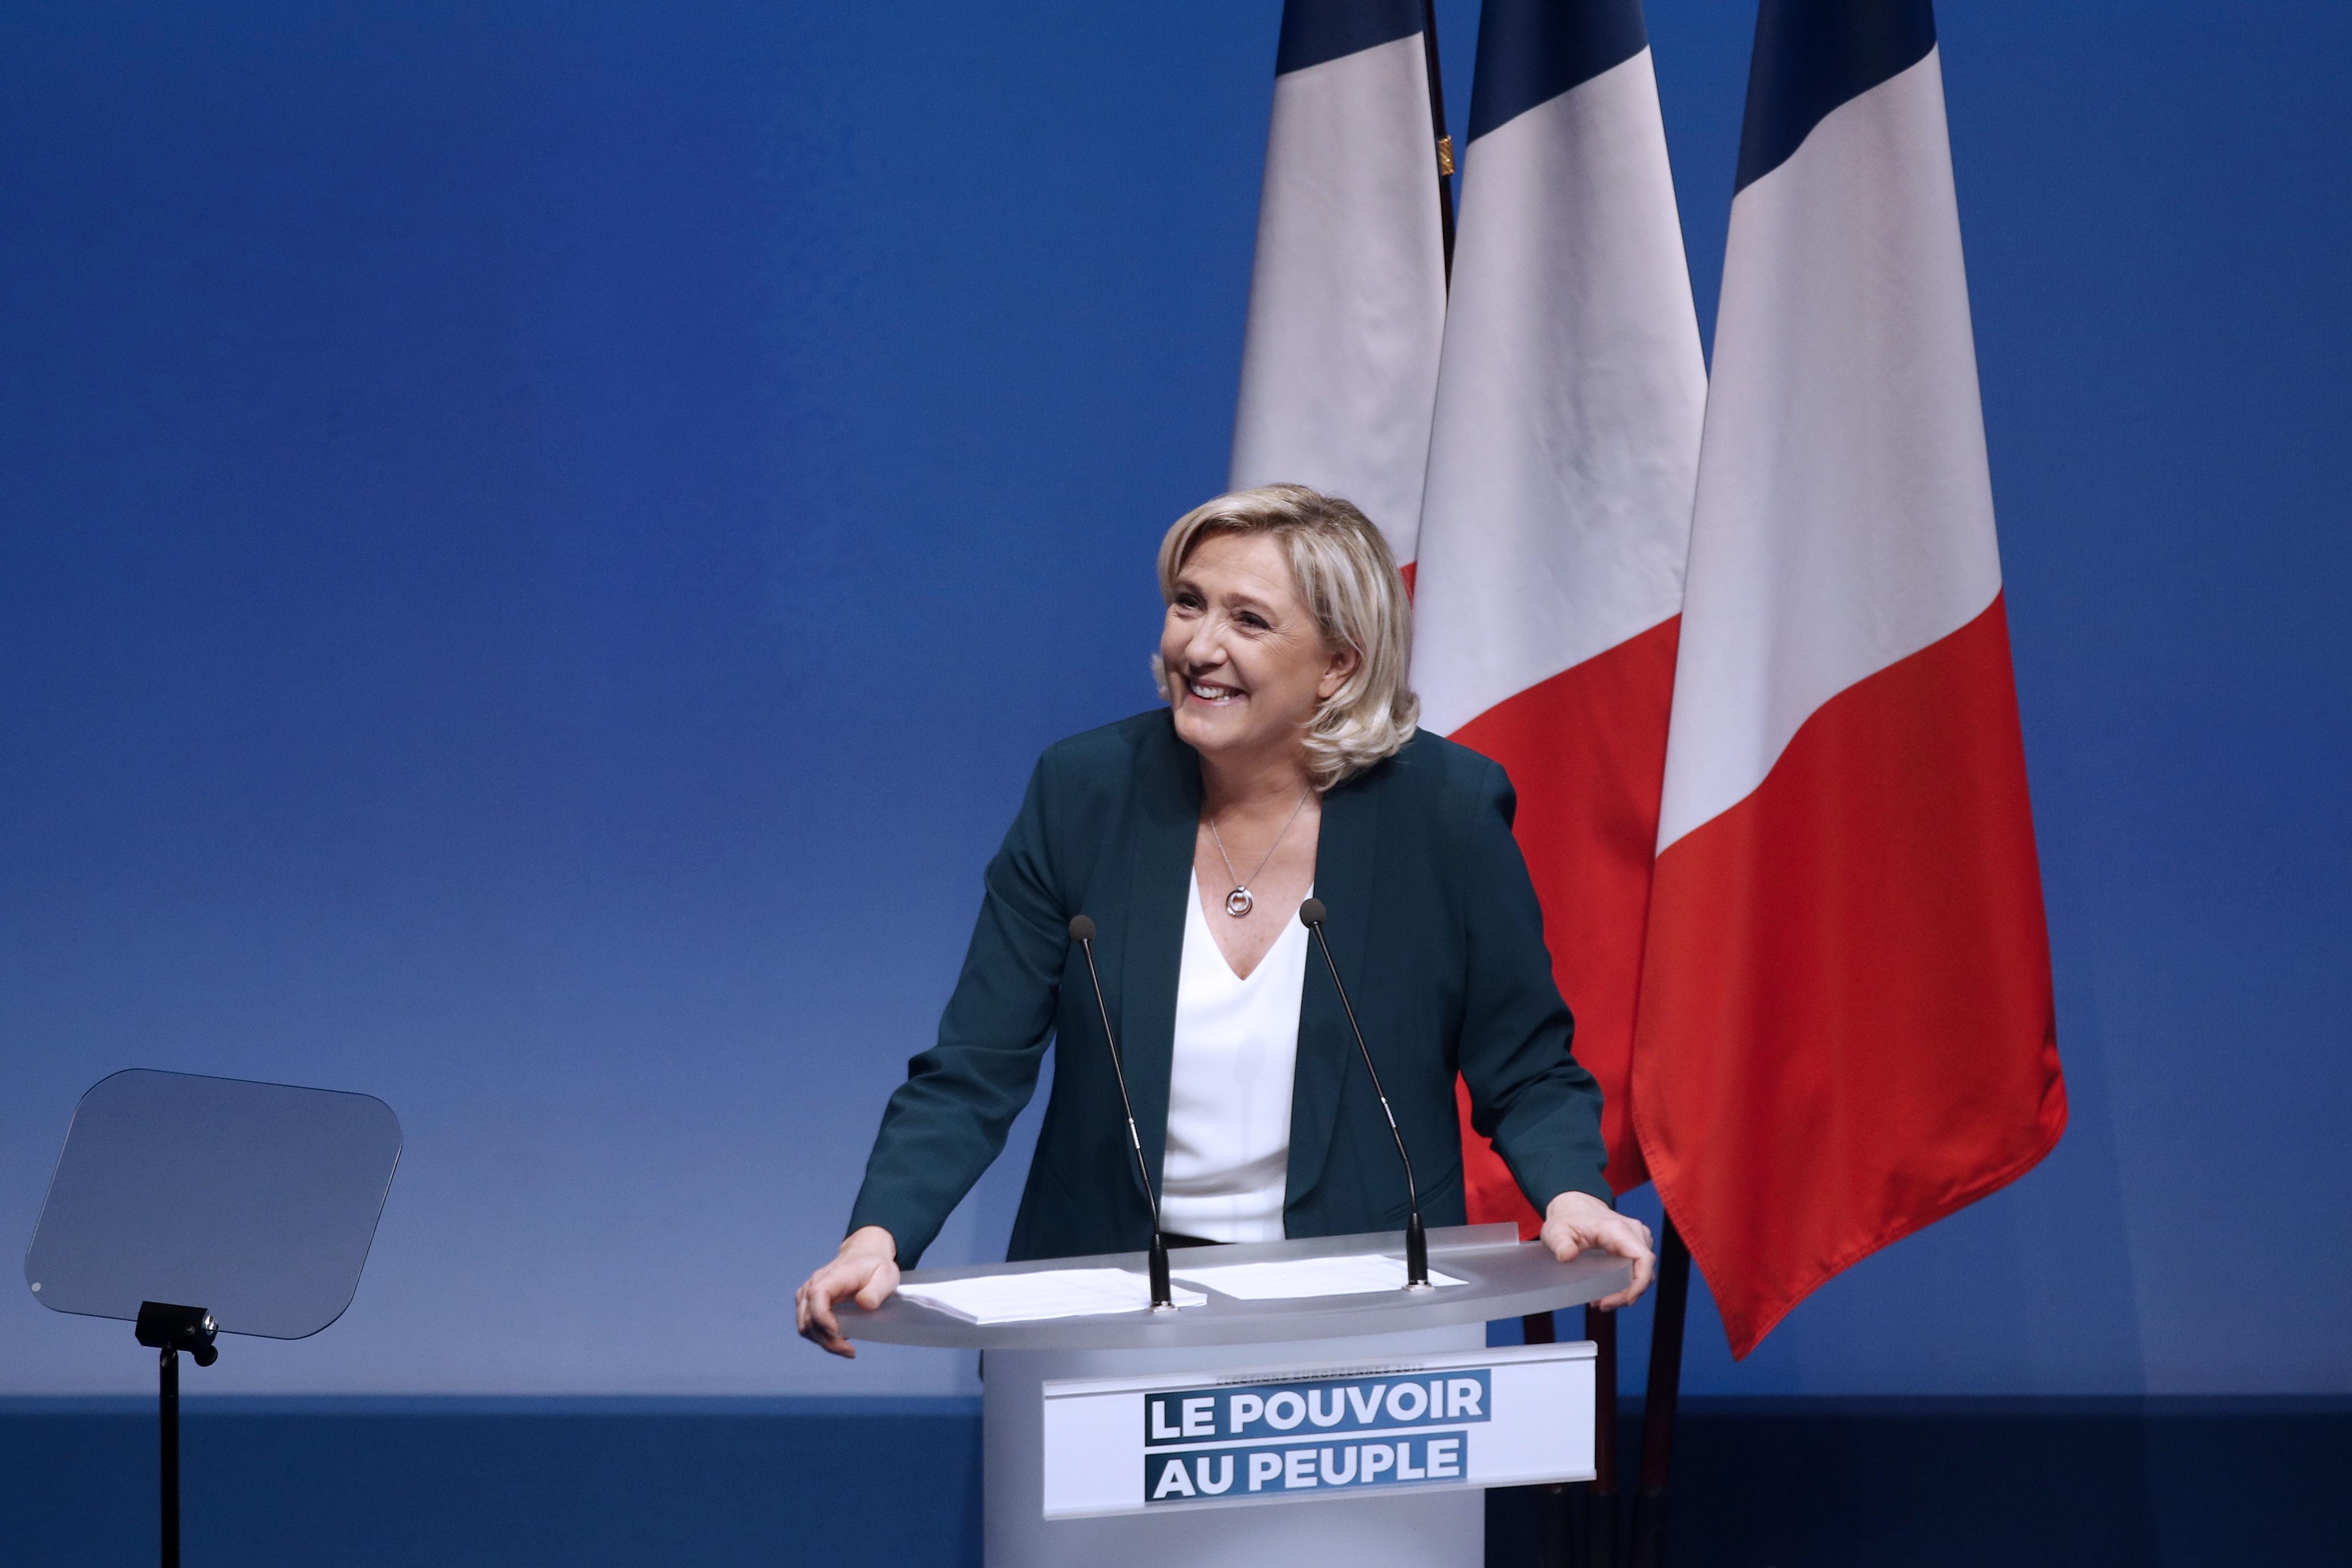 Stranka Marine Le Pen krenula u kampanju za europske izbore